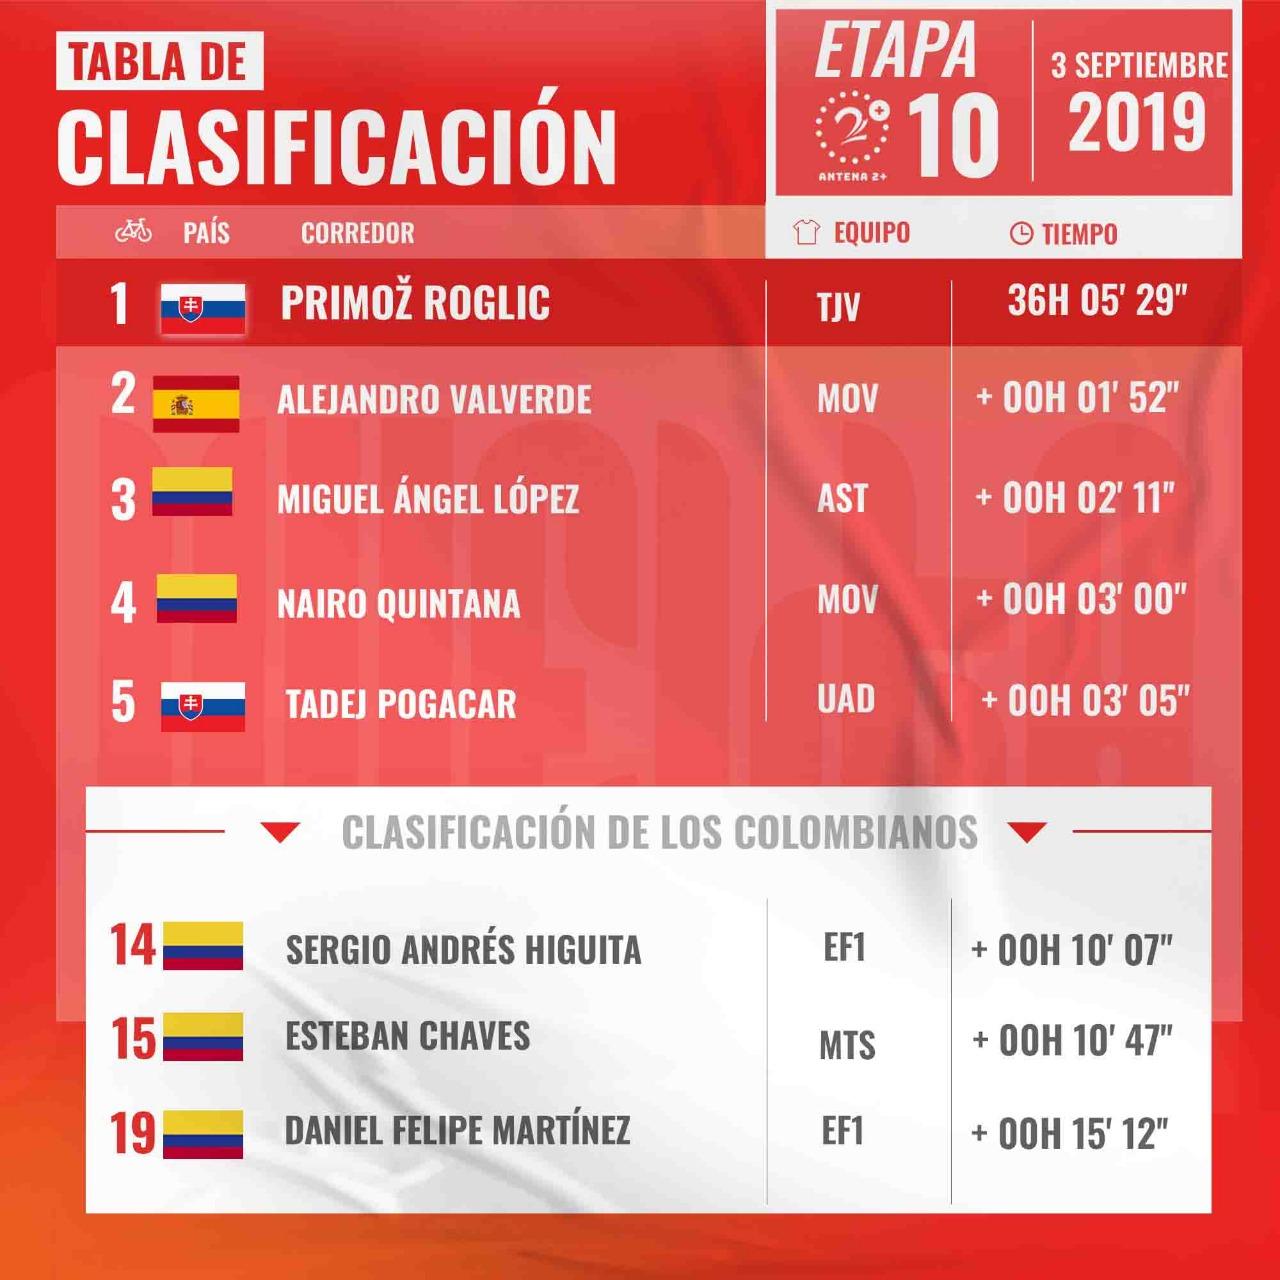 Vuelta a España, Clasificaciones, etapa 10